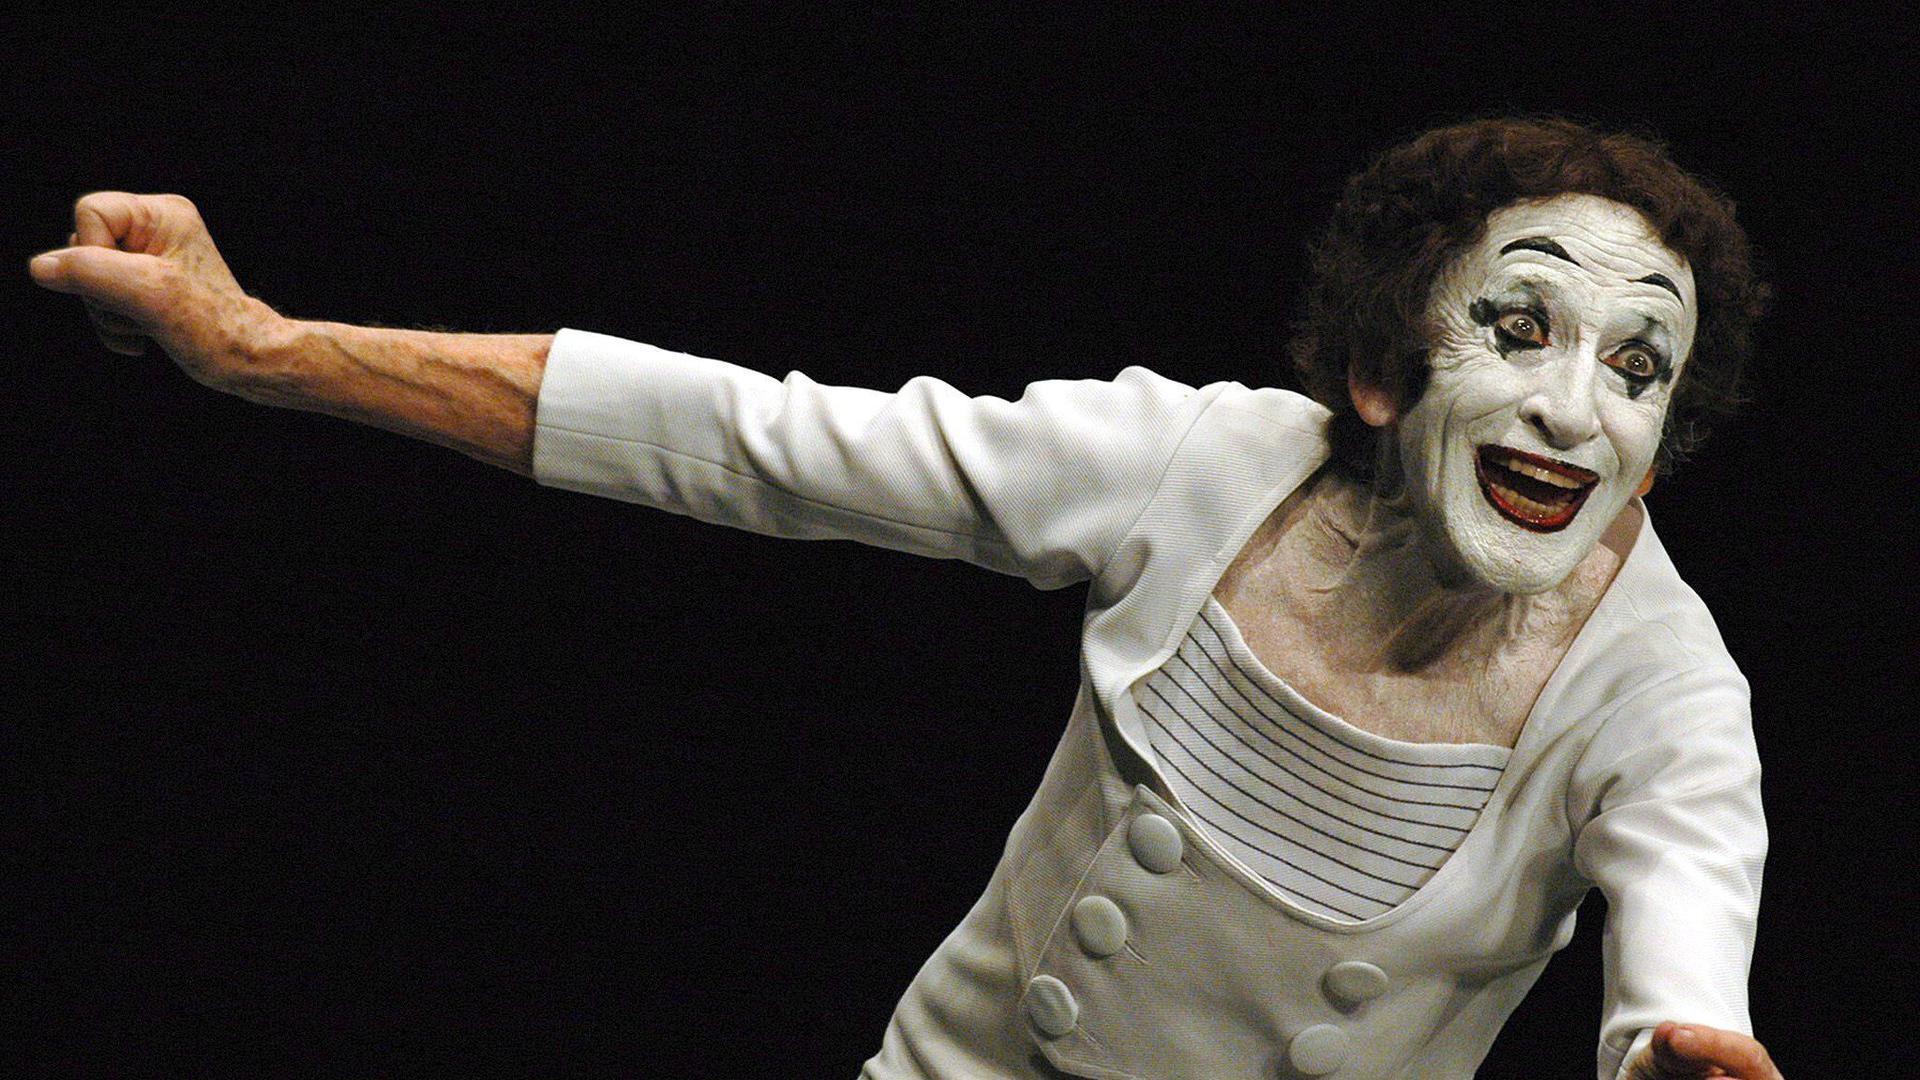 Der Pantomime Marcel Marceau mit Gesichtsschminke auf der Bühne.